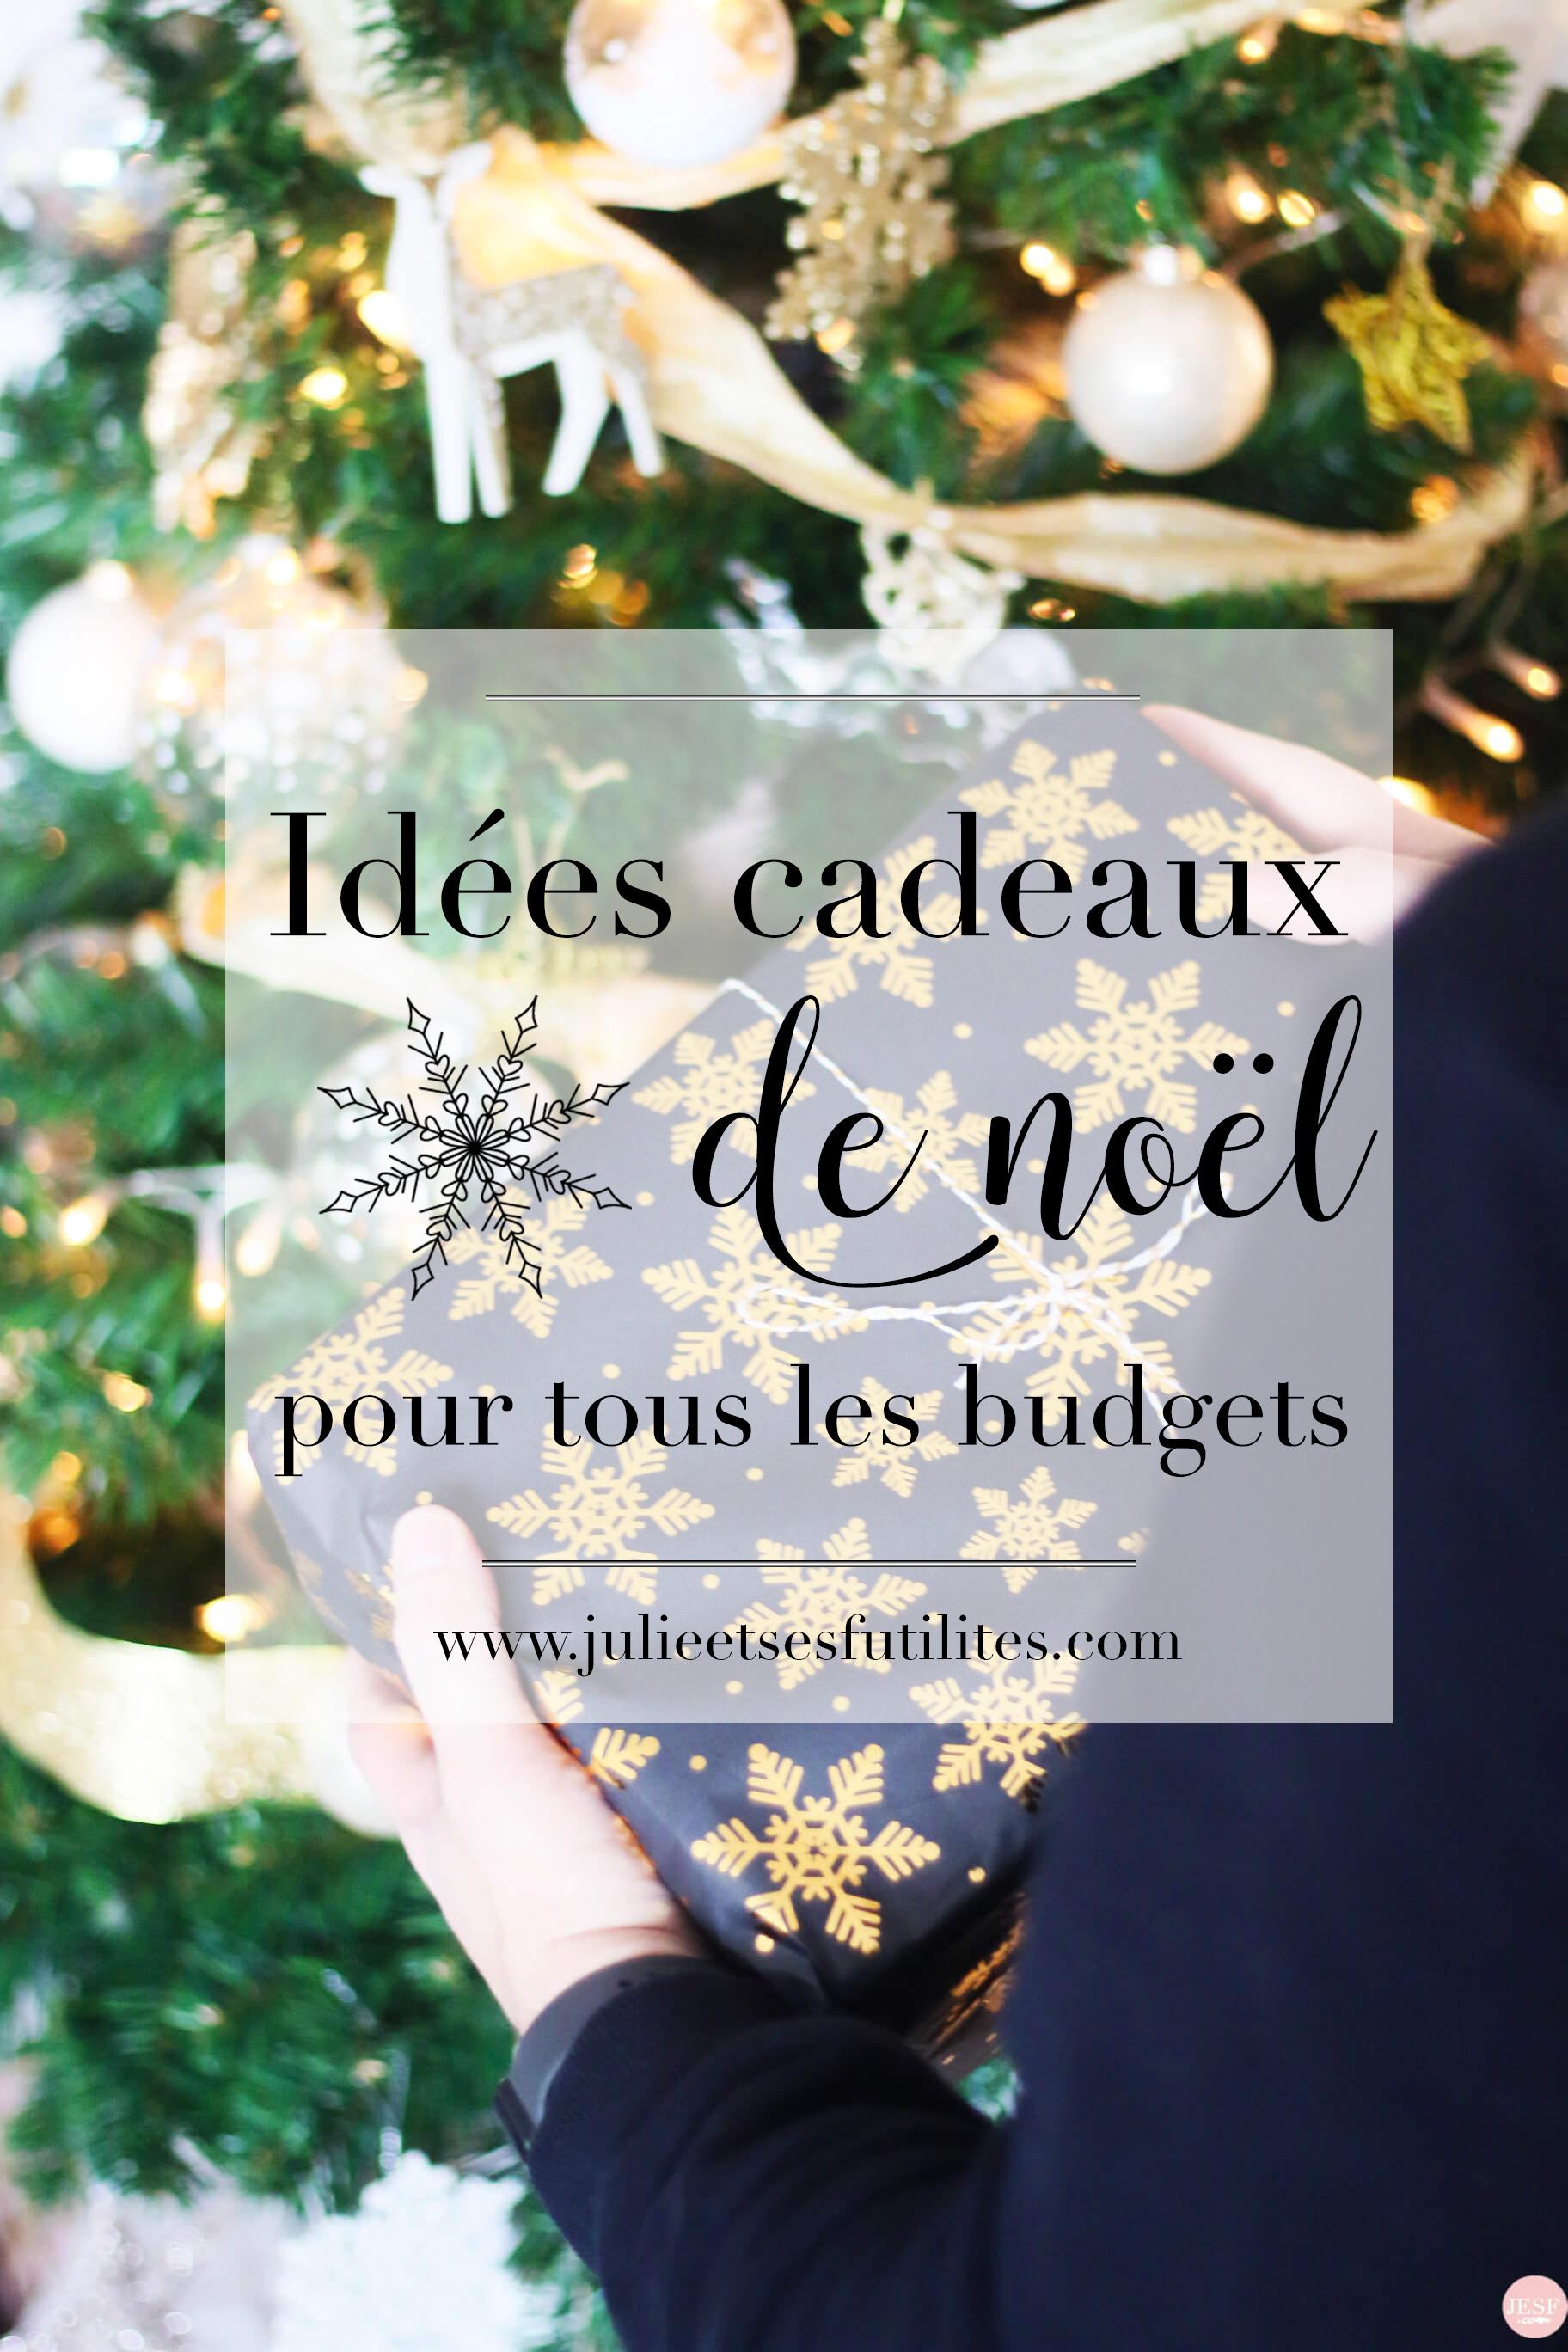 idées-cadeaux-men-pinterest